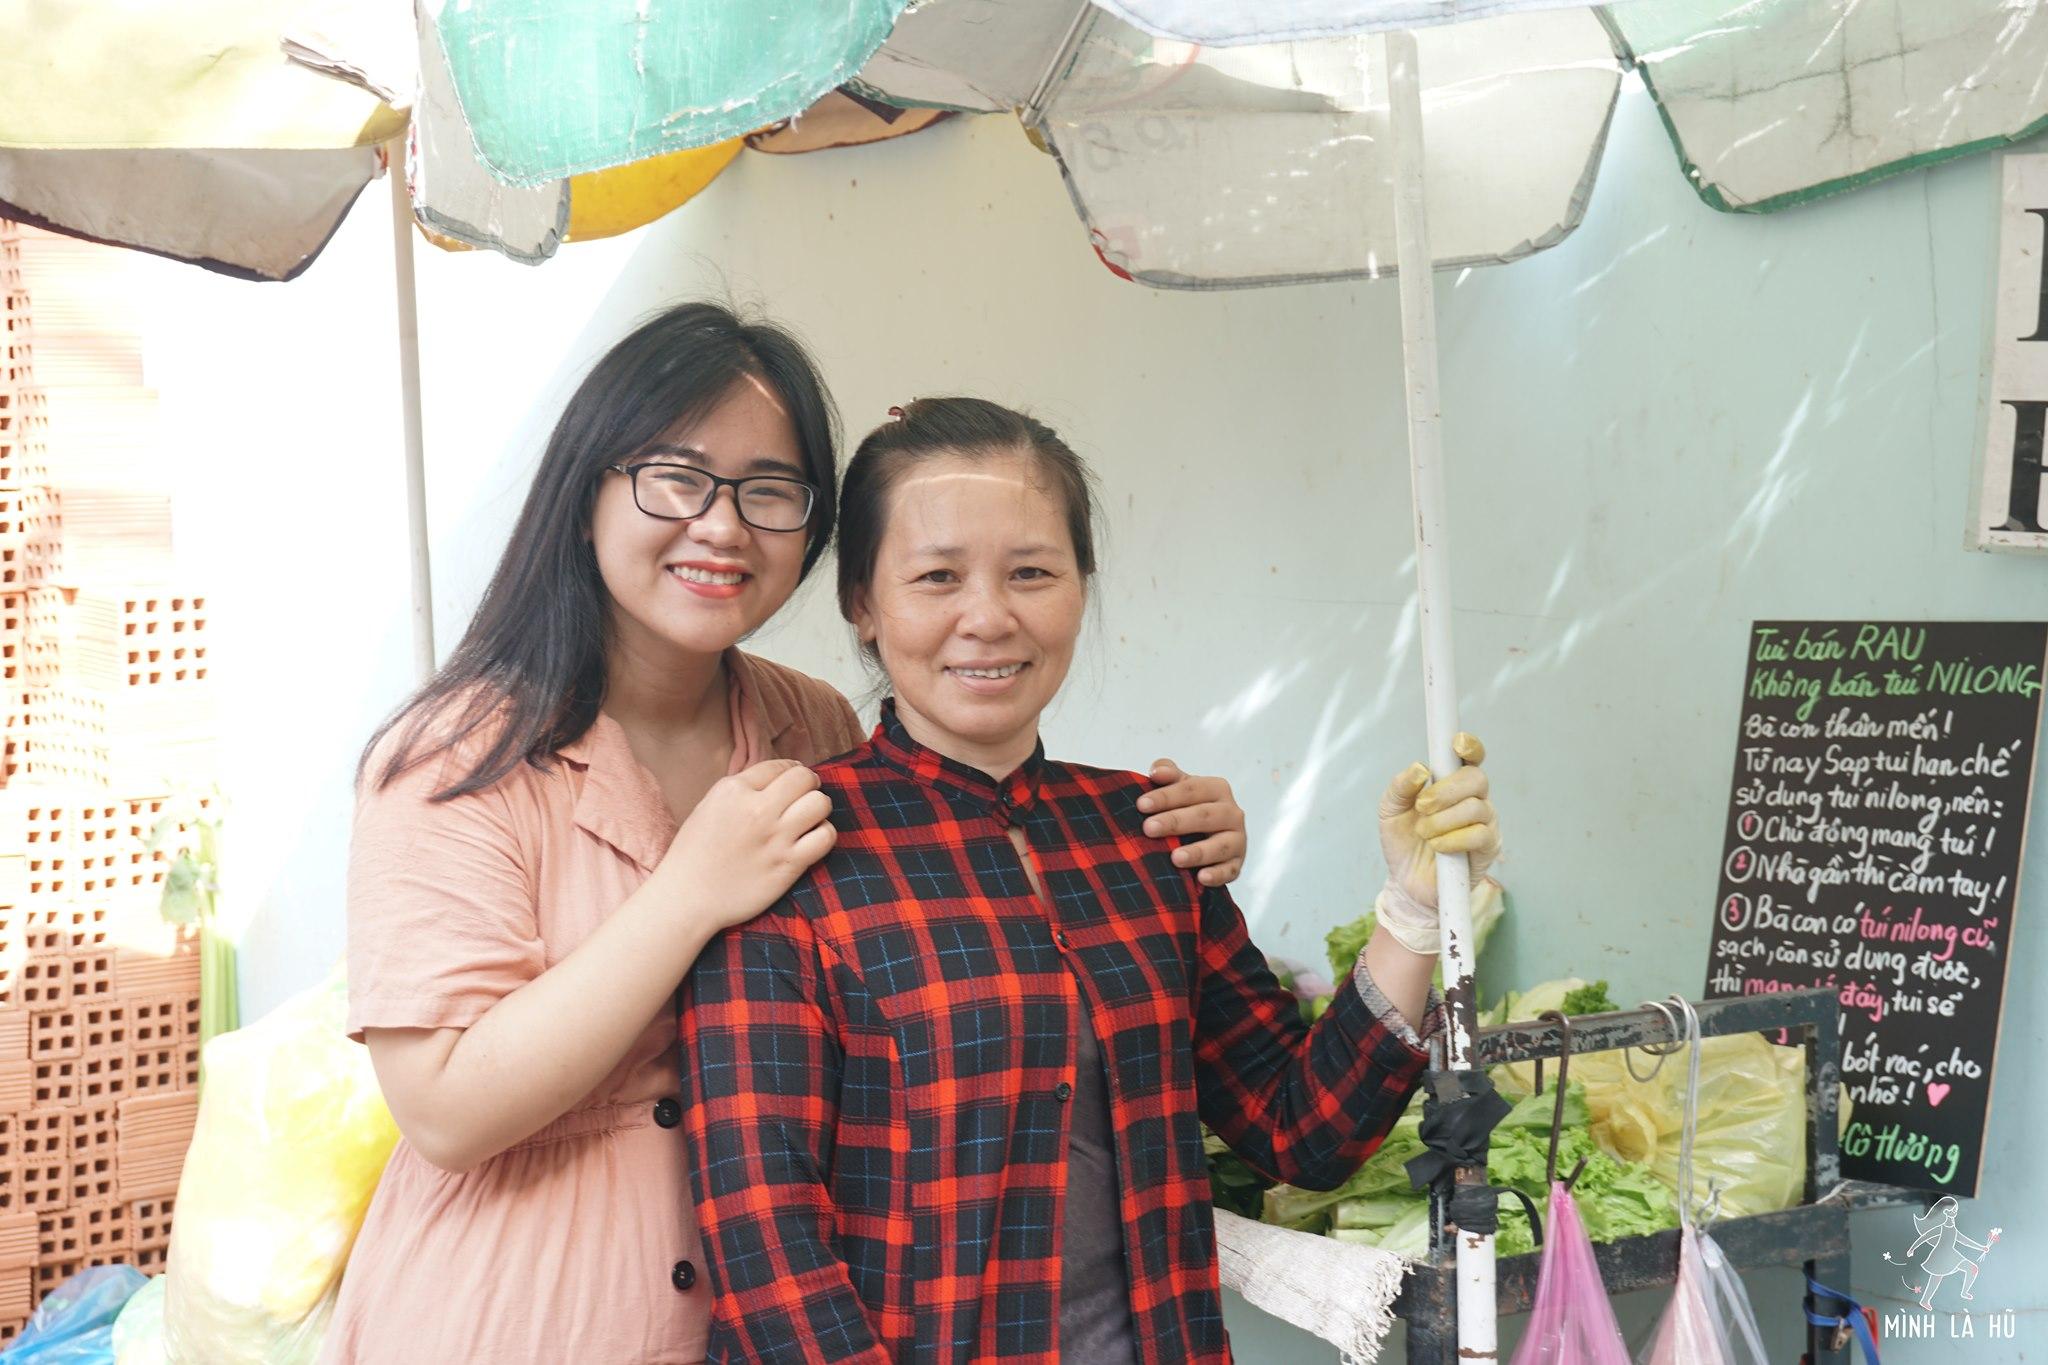 Thông điệp 'sống xanh' của cô gái trẻ Quỳnh Hương được các cô bán rau, bán thịt tích cực hưởng ứng.